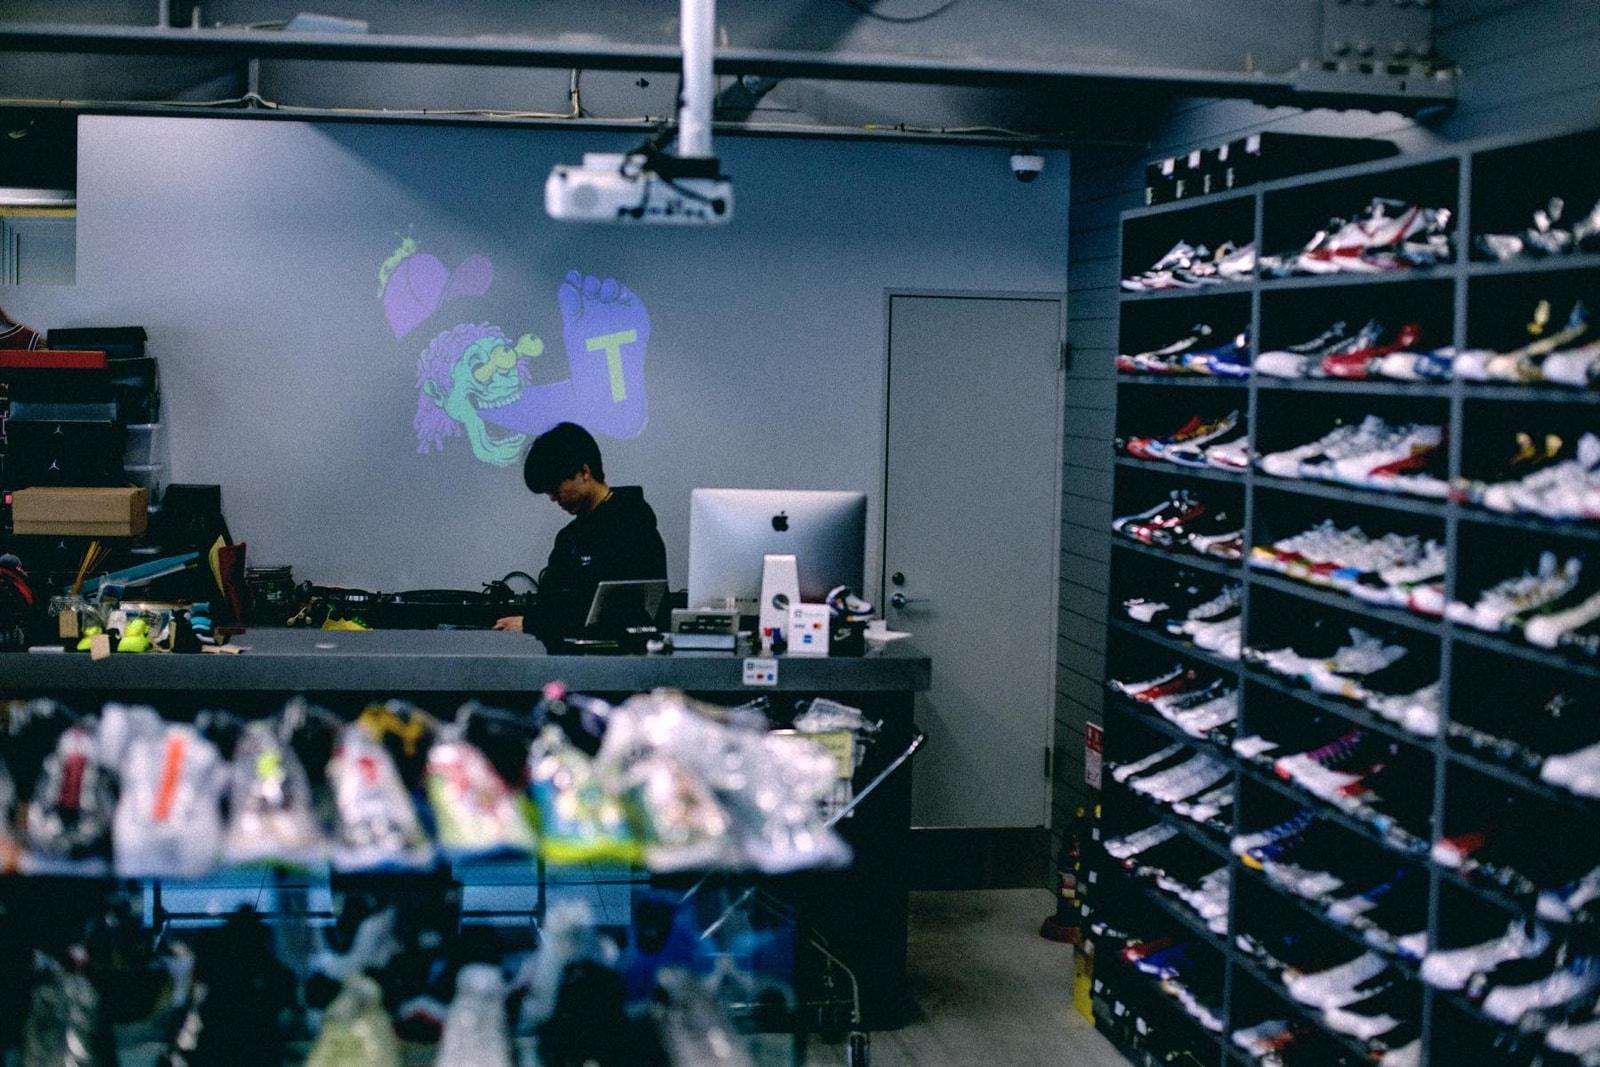 """""""ポートランド行き""""を運ぶ夢のスニーカー争奪イベントを体験レポート 〈Nike〉の本社見学などレアな特典が付いた""""ノドから足が出るほど欲しくなるポートランド・フリーパス・スニーカー""""を目指して、スニーカーヘッズたちが原宿の街を駆け回った熱い1日を独占取材"""